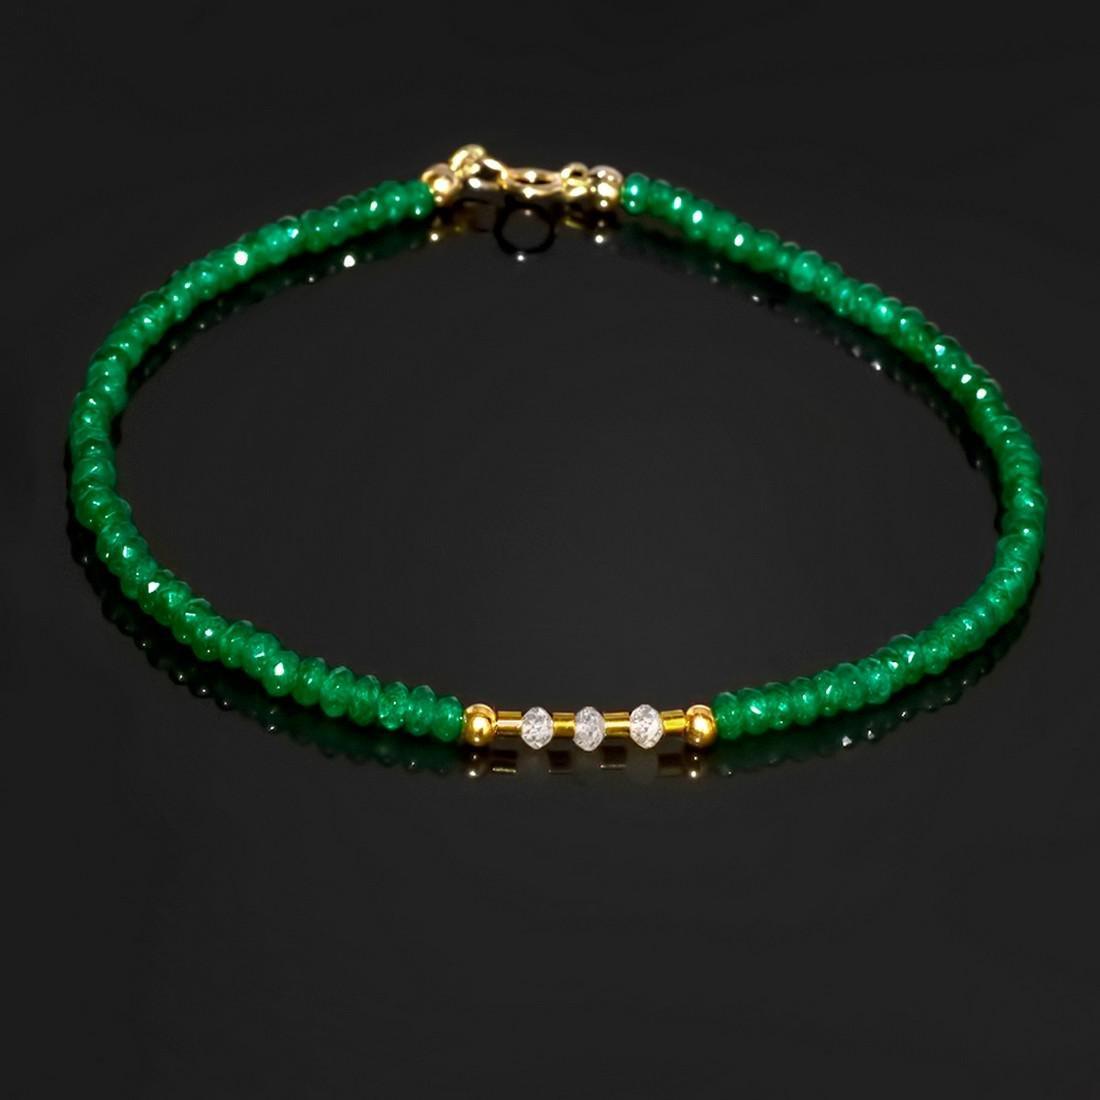 14K Precious Jadeite Jade bracelet with Diamonds 0.2